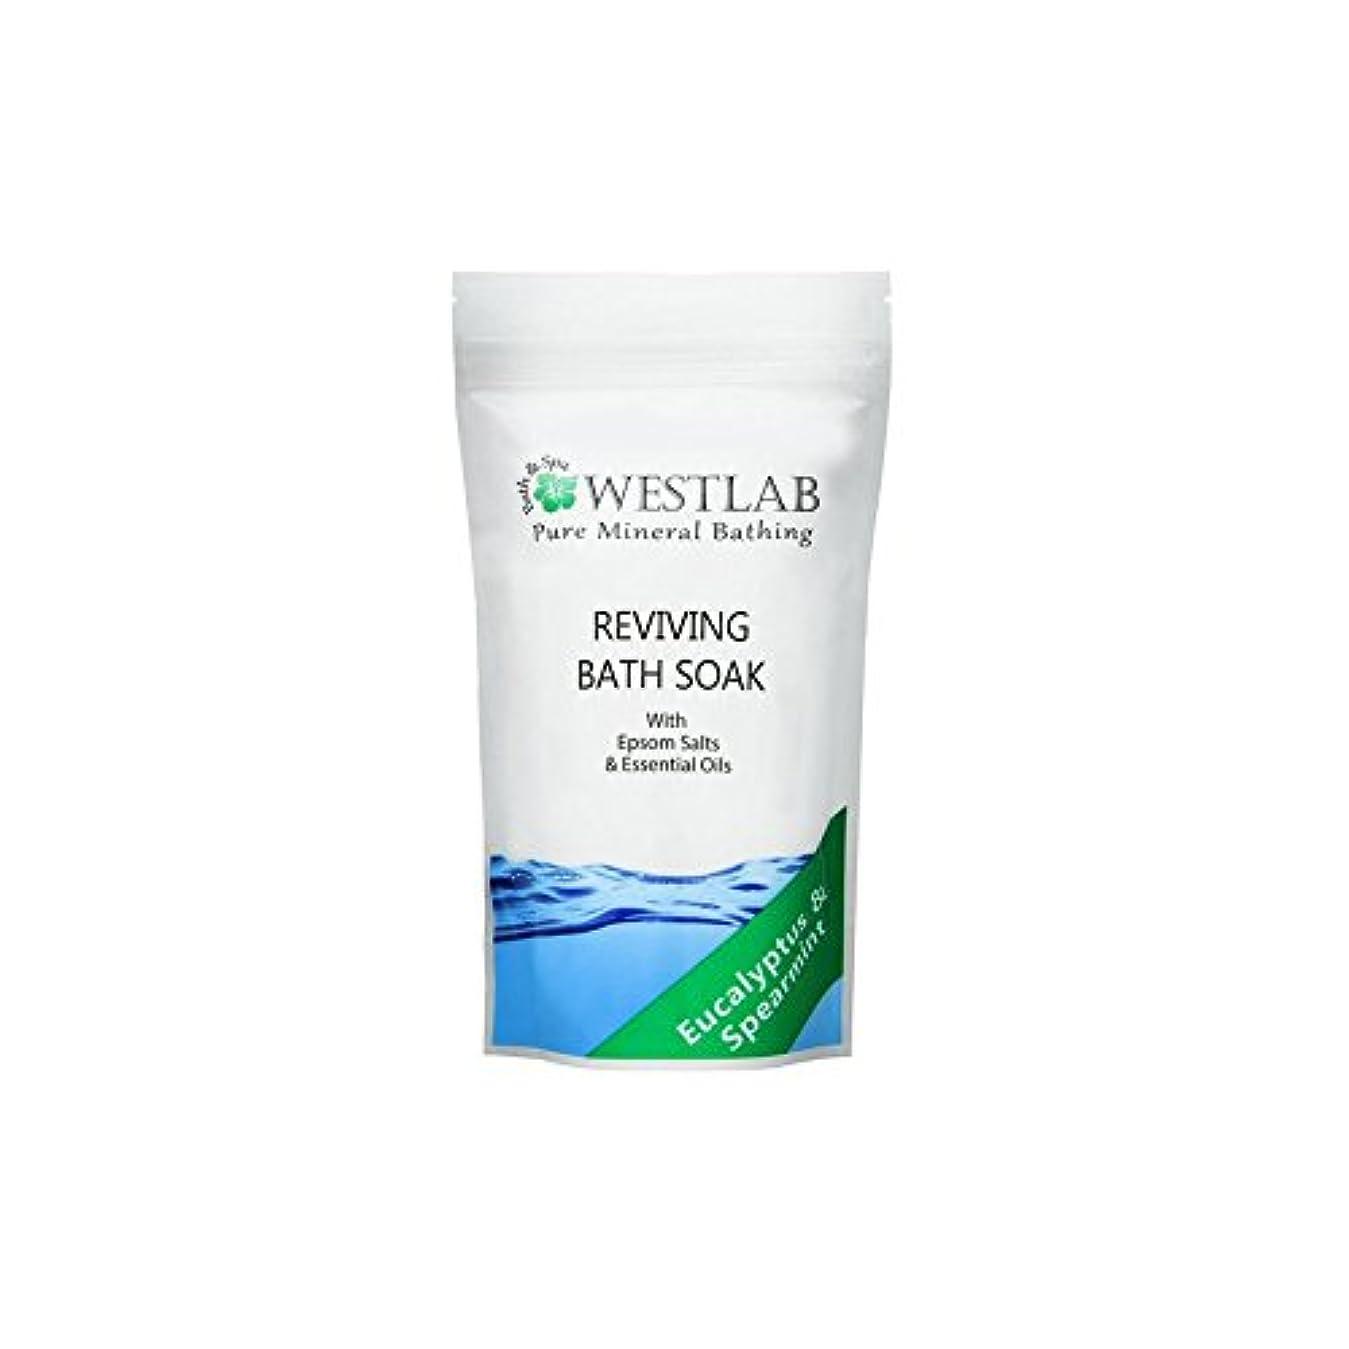 ペリスコープ許容押し下げるWestlab Revive Epsom Salt Bath Soak (500g) - (500グラム)をソークエプソム塩浴を復活させます [並行輸入品]